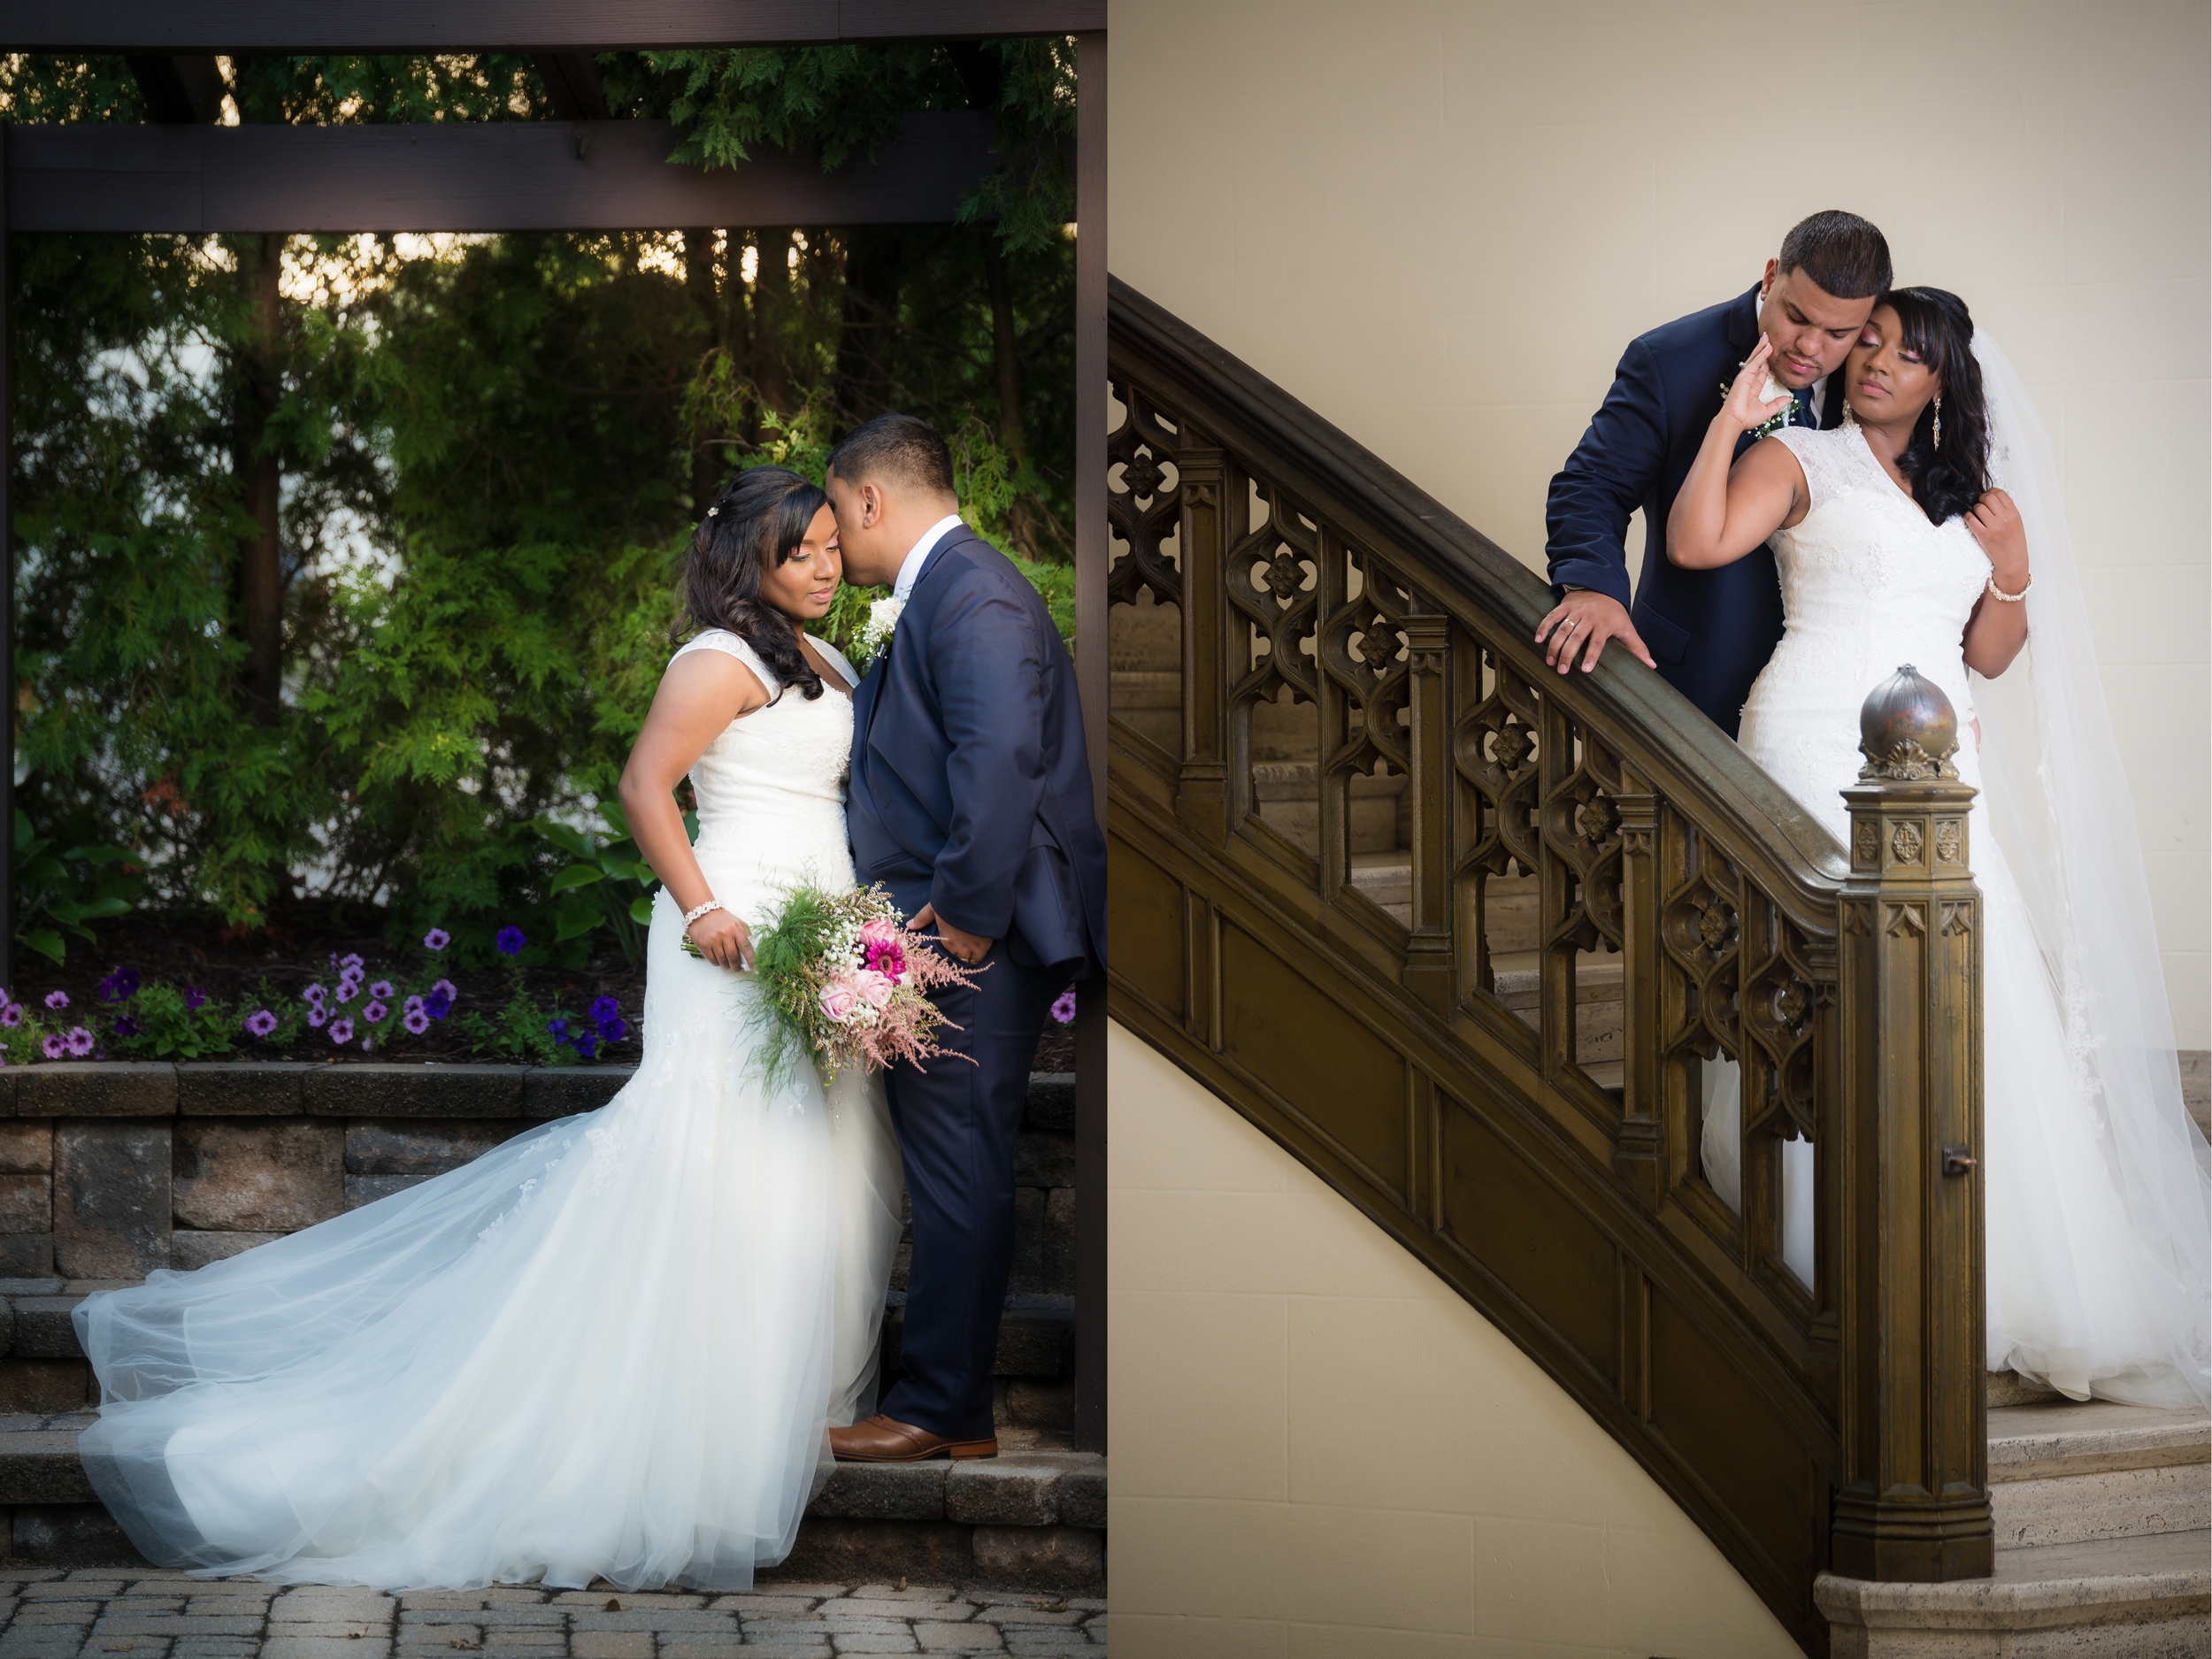 Isela-Josh-Wedding-Garcia-Photography-4092-3901.jpg